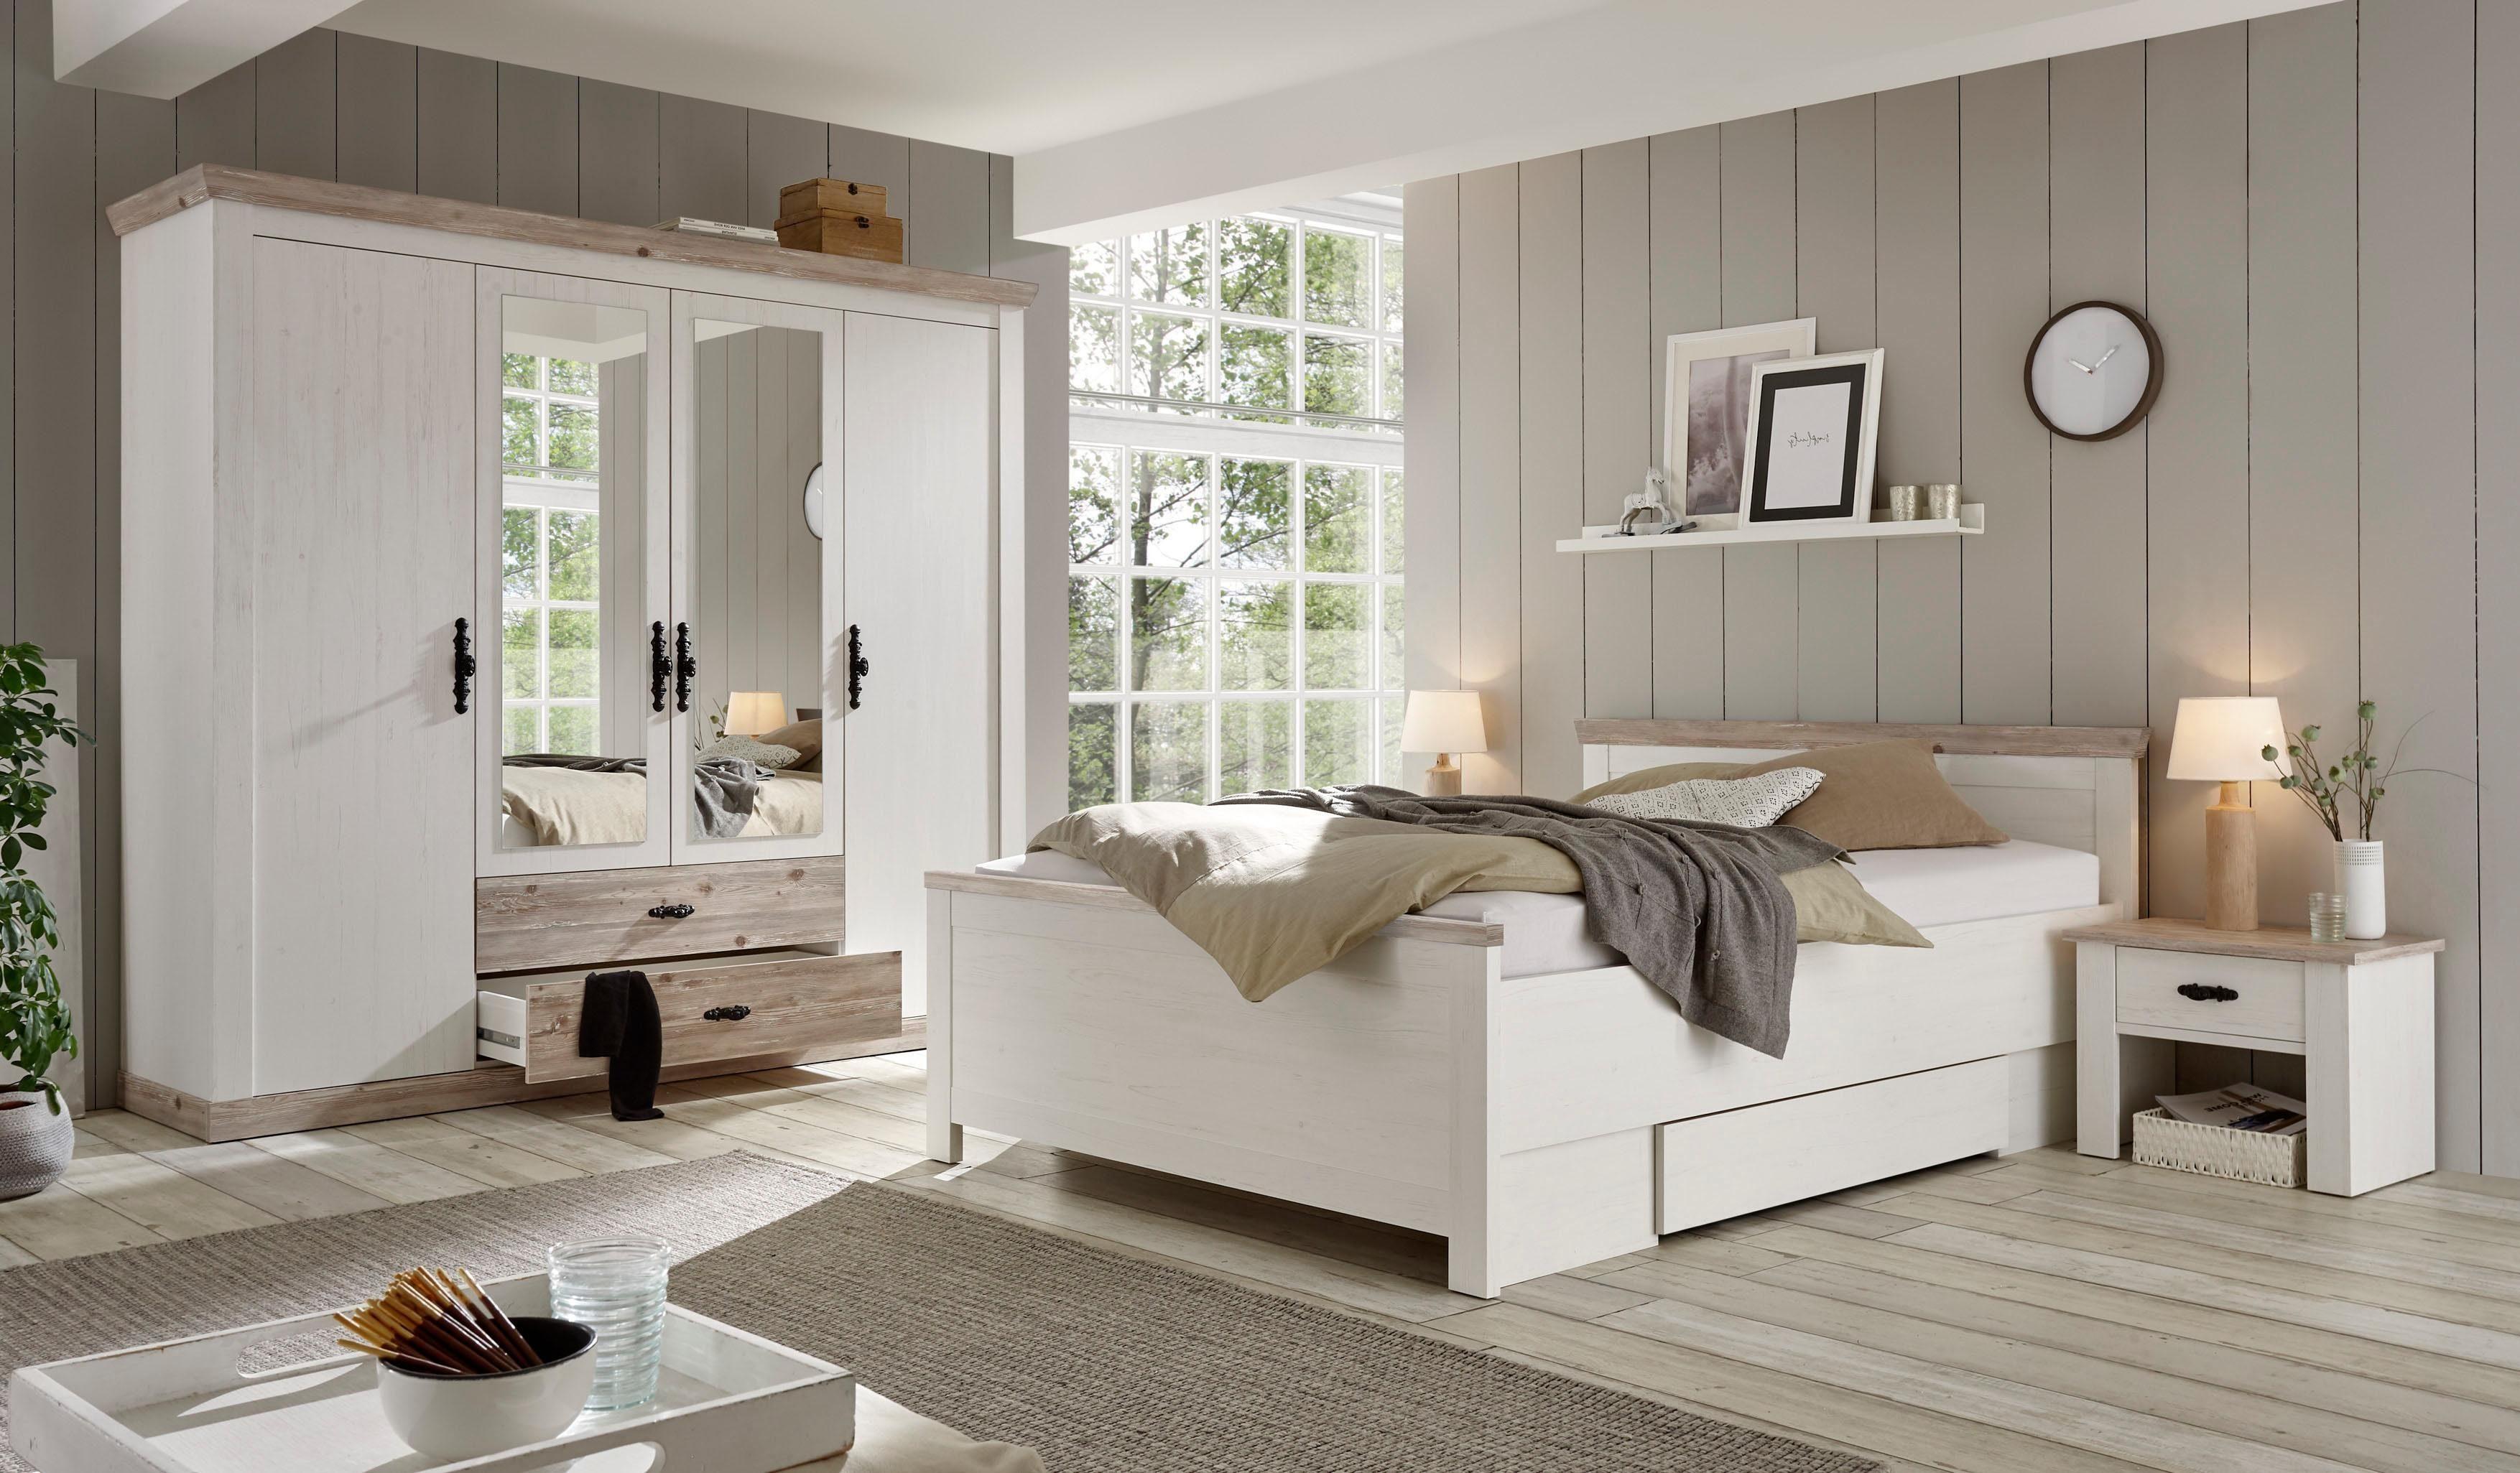 Home affaire Schlafzimmer-Set Florenz